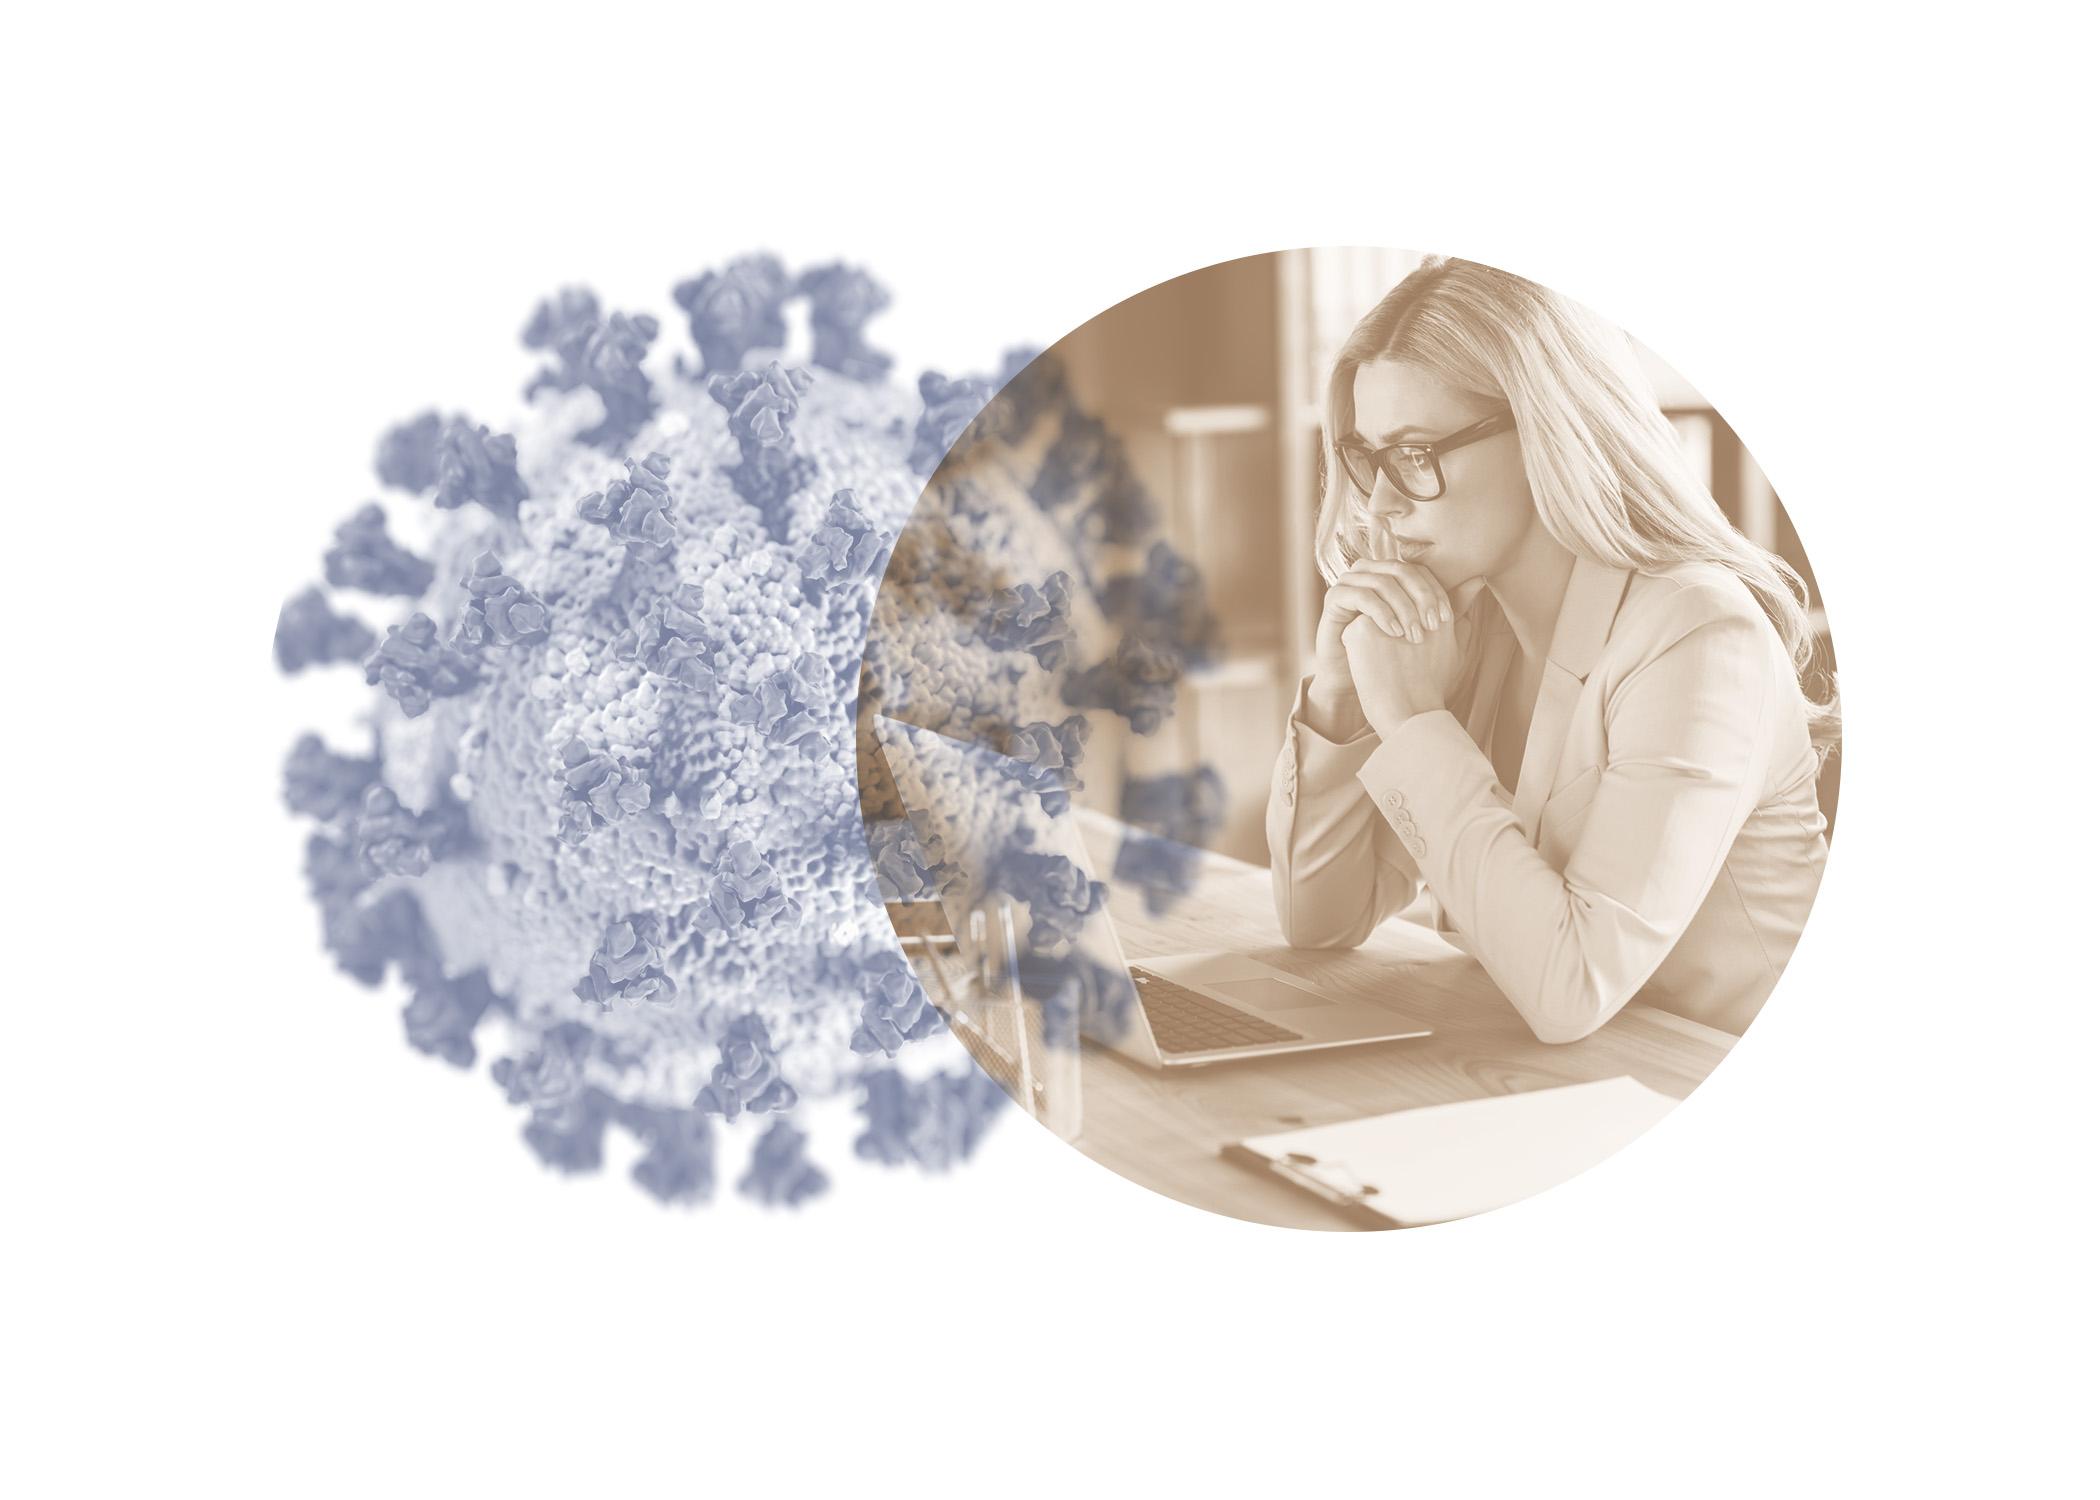 symbol image sars-cov2 virus and woman looking at laptop computer